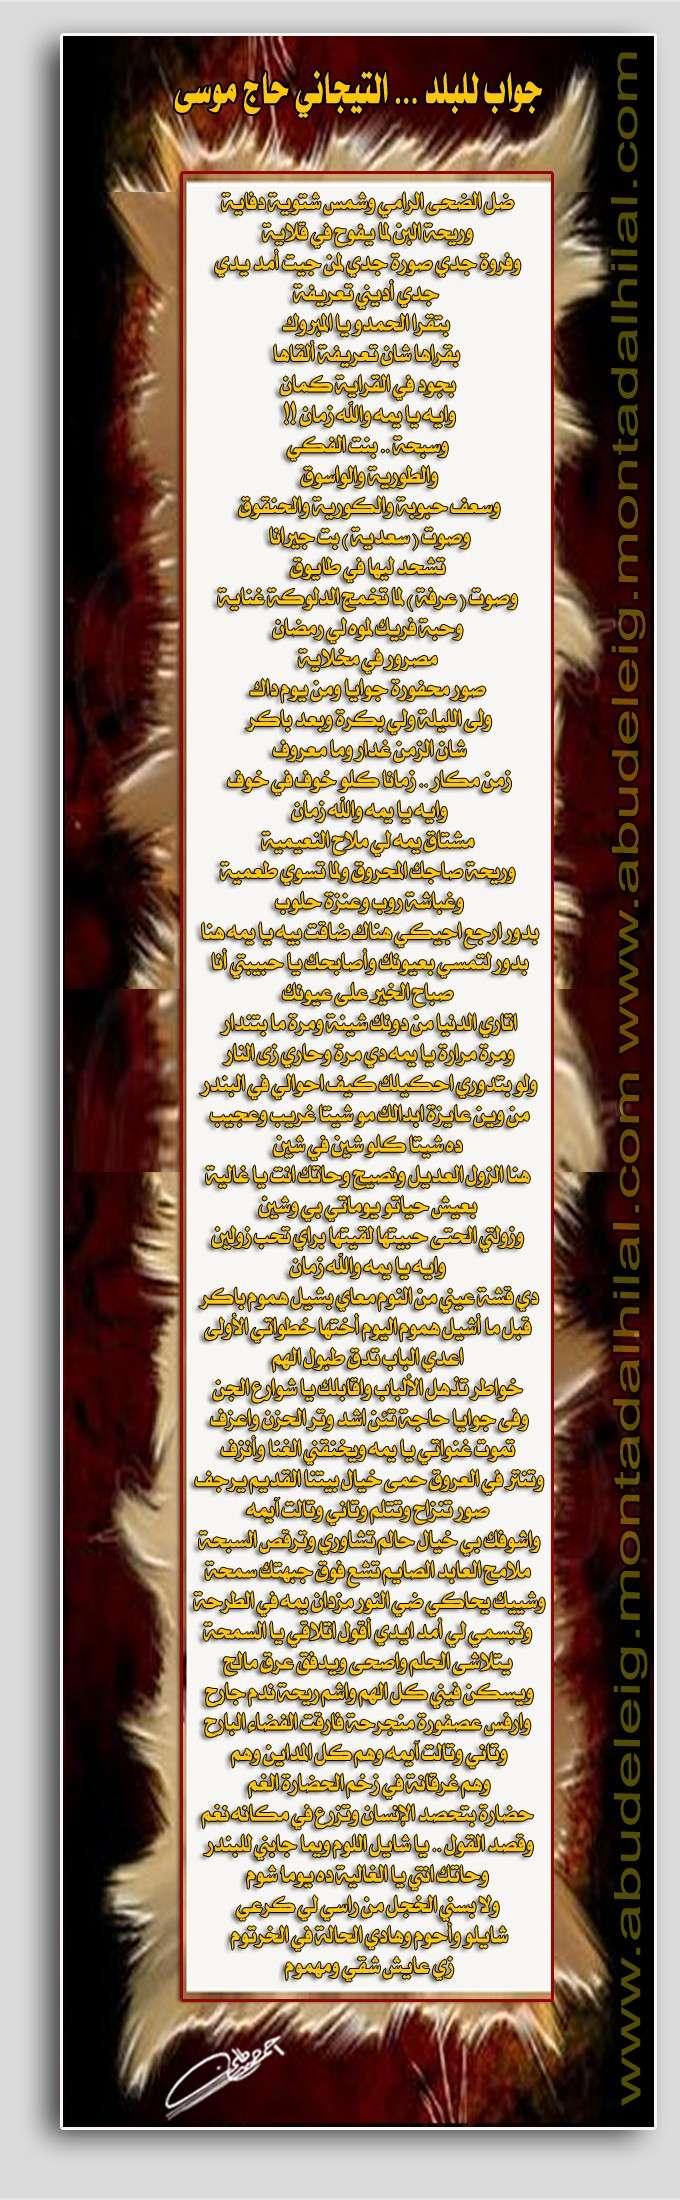 مكتبة الشاعر التيجاني حاج موسى Altija21